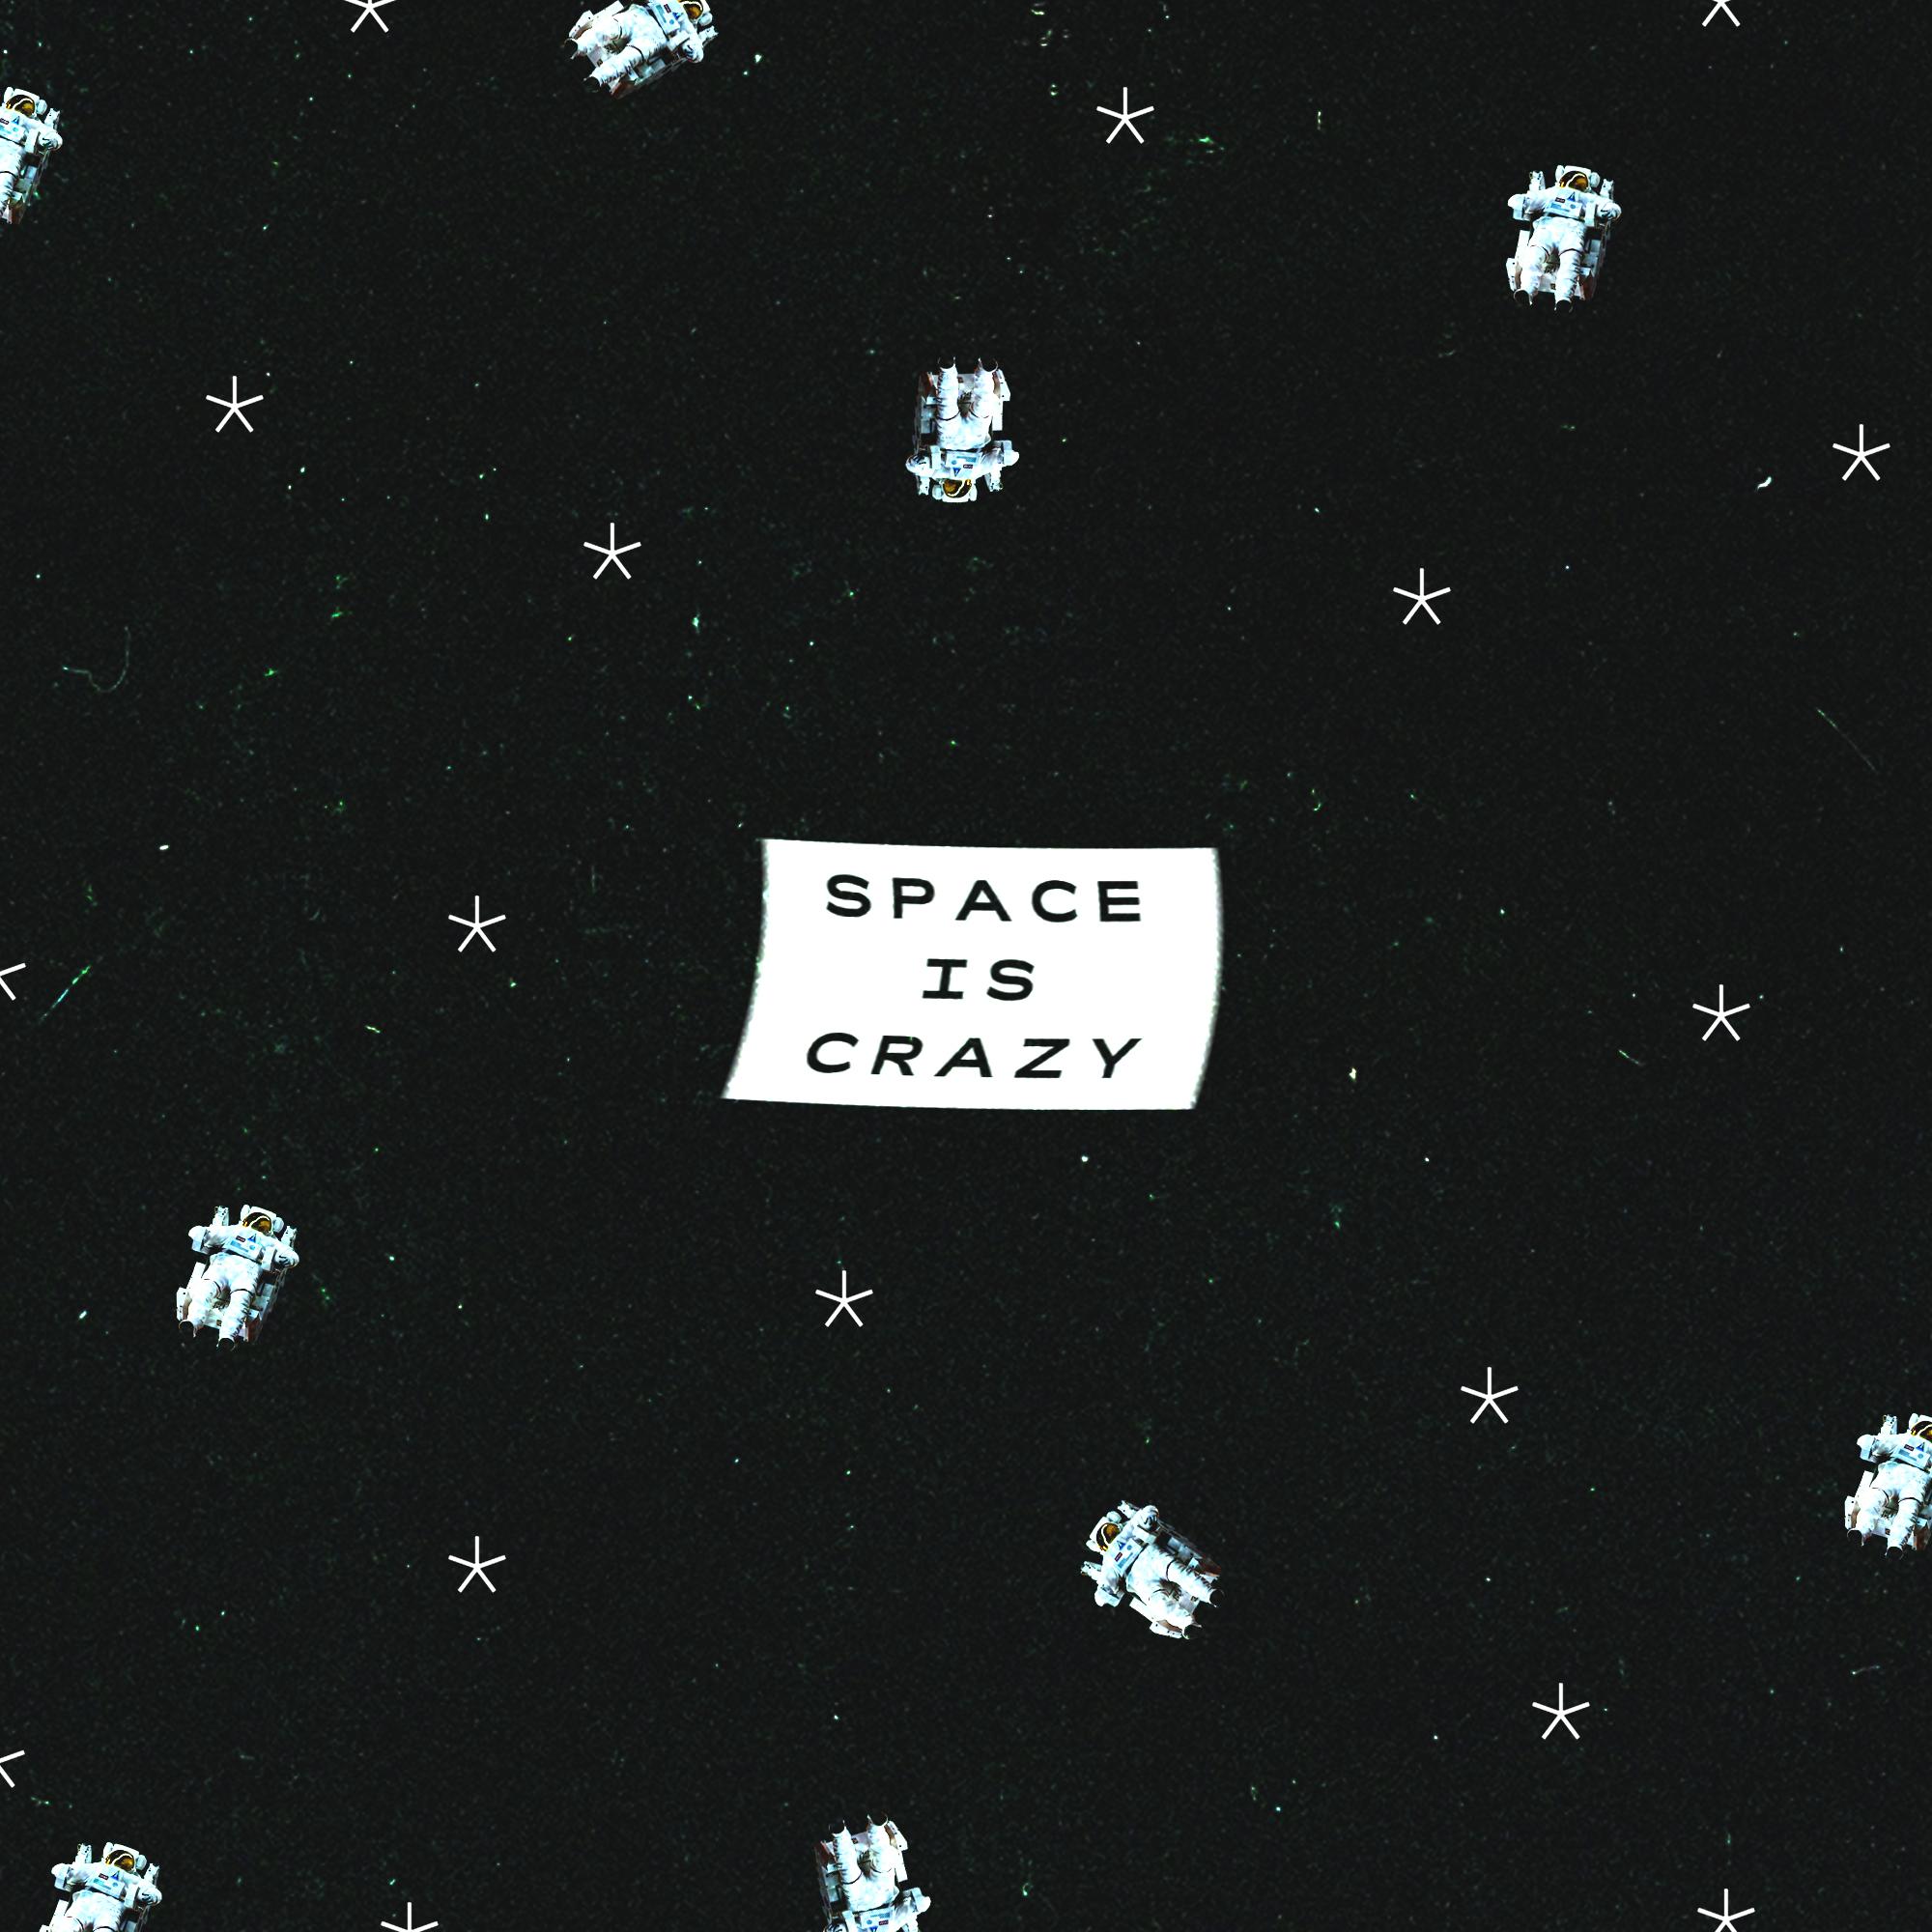 SPACEISCRAZY-texture.jpg